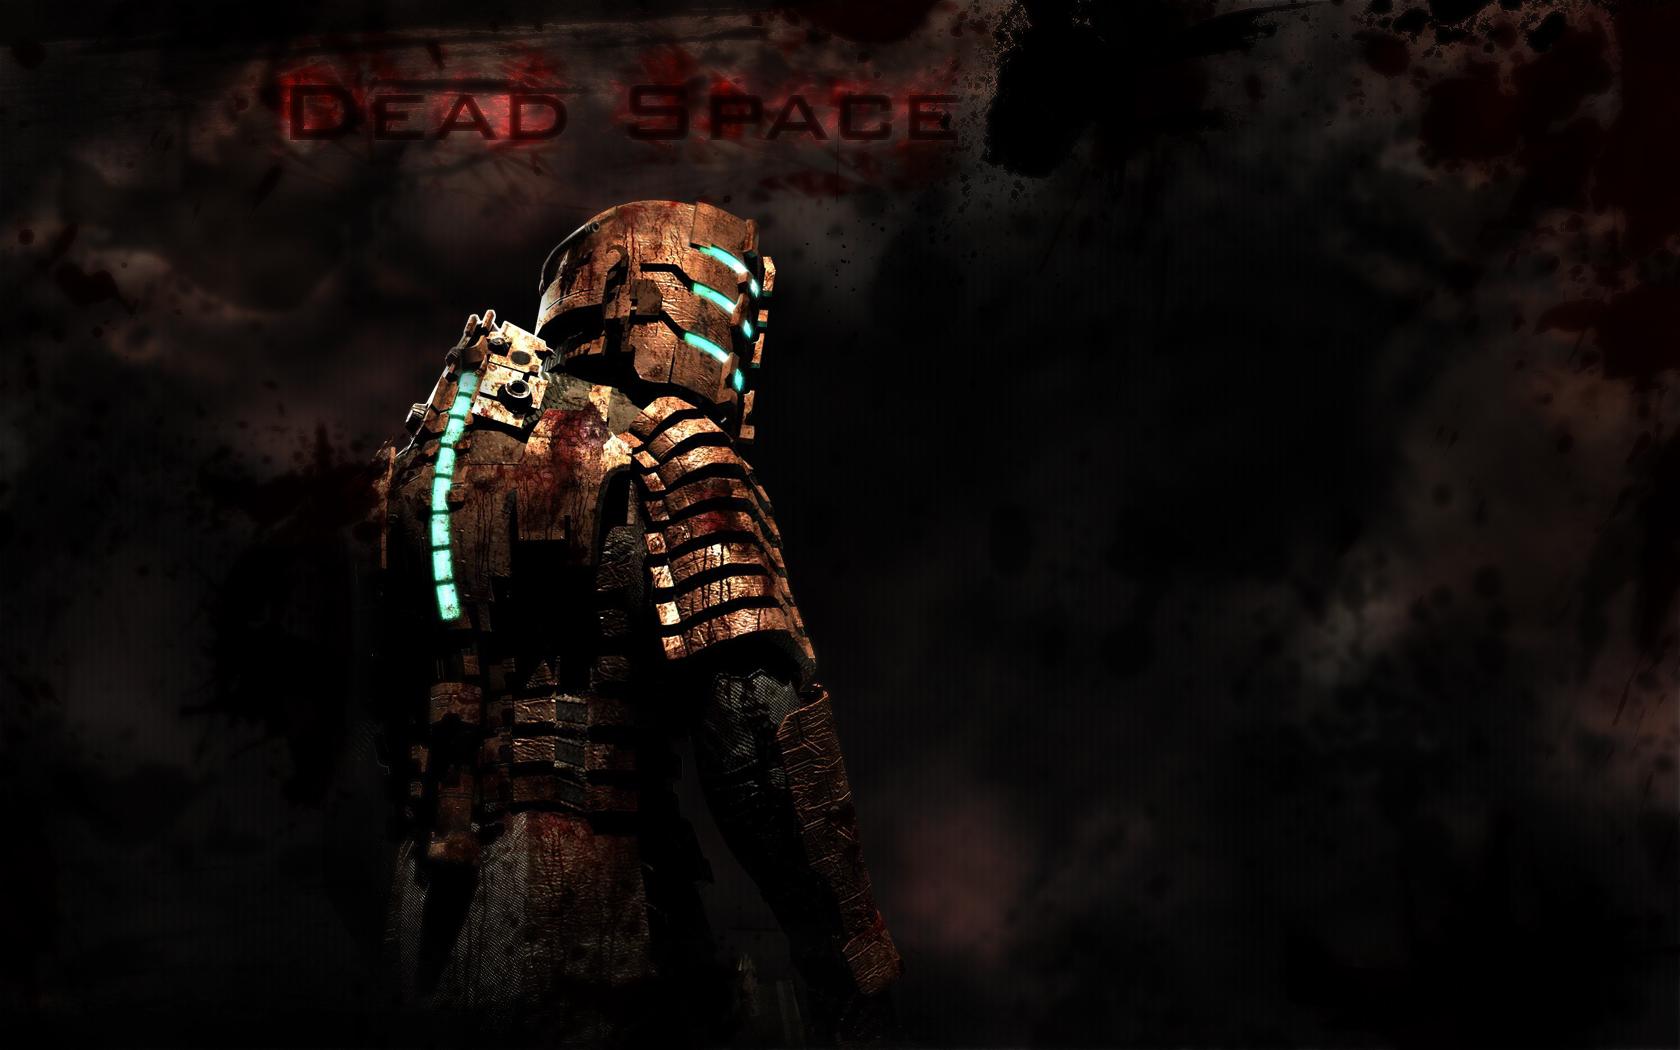 image - dead space wallpaper 01 1024x768 | dead space wiki